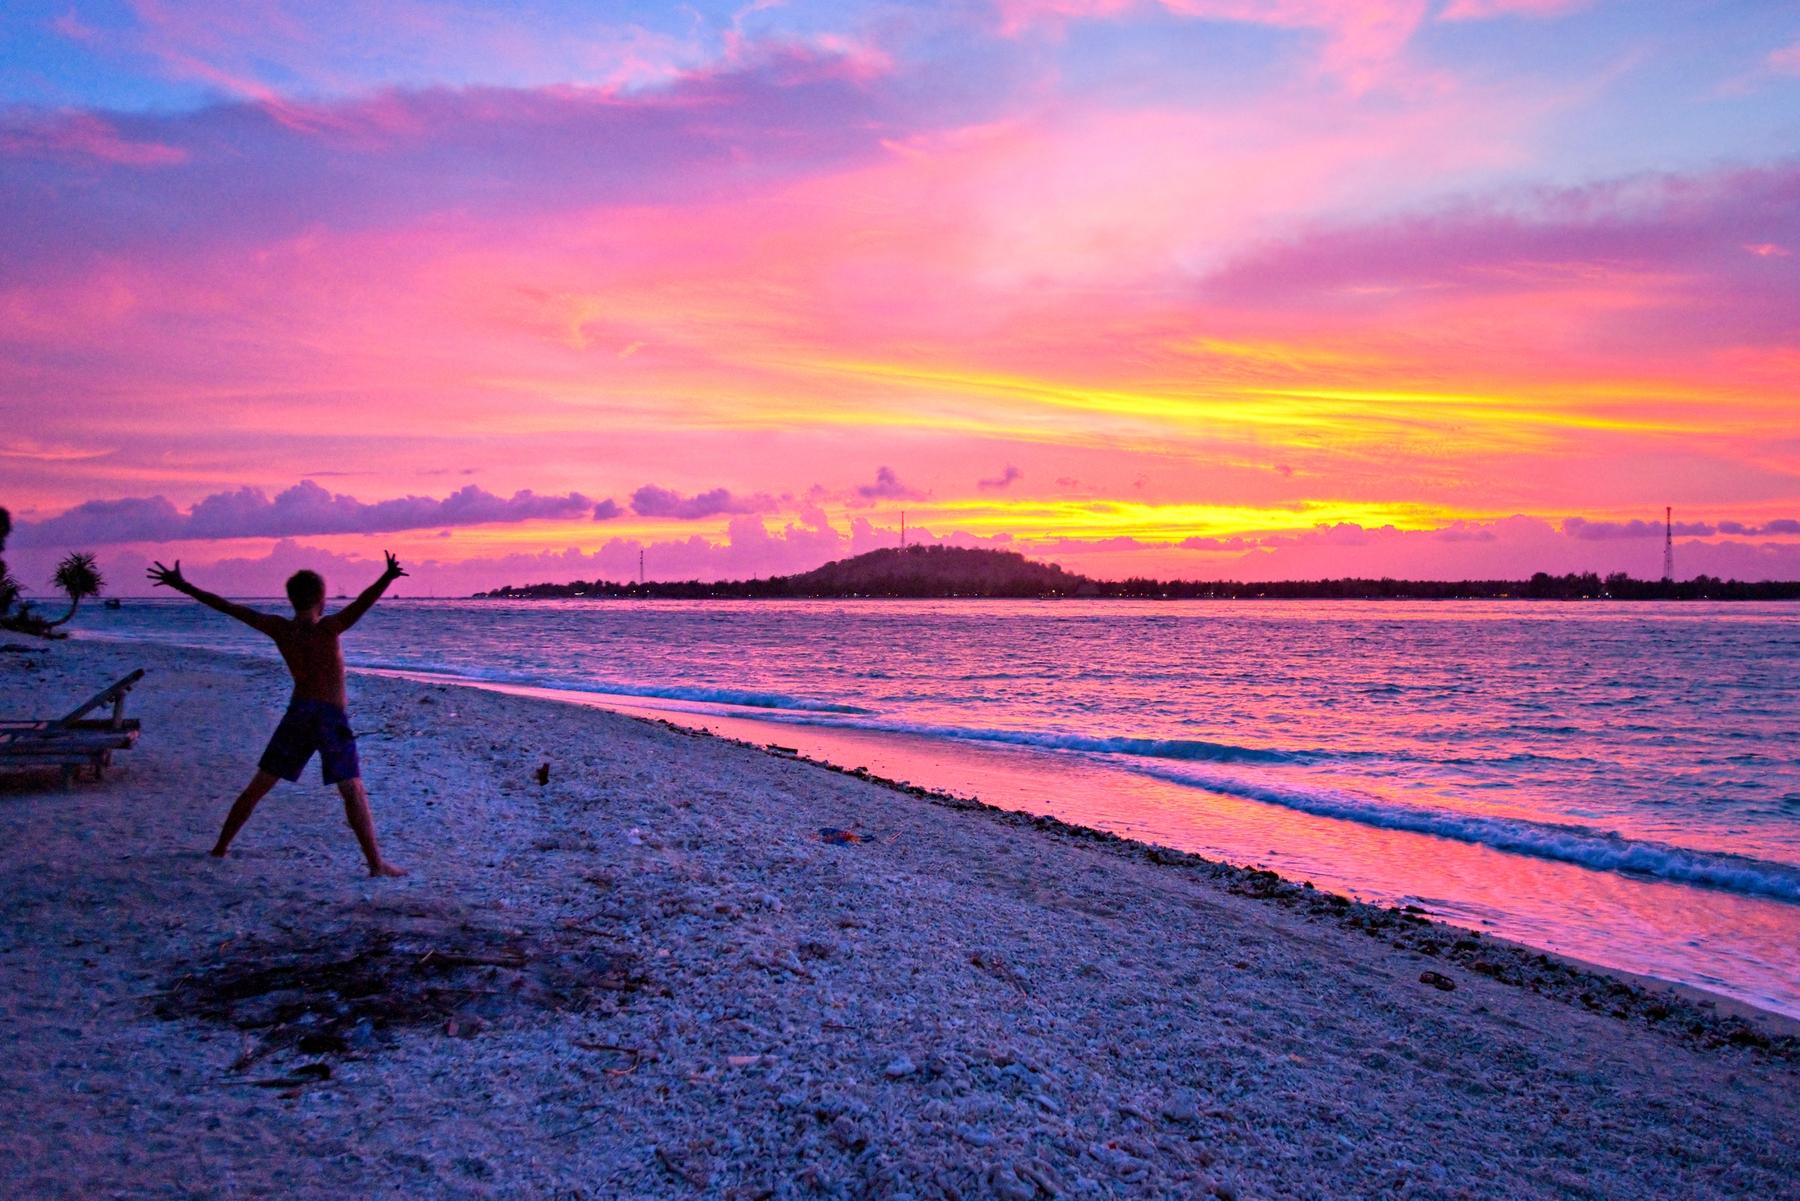 Закат на островах Гили в Индонезии. Куда поехать на остров, чтобы отдохнуть дешево